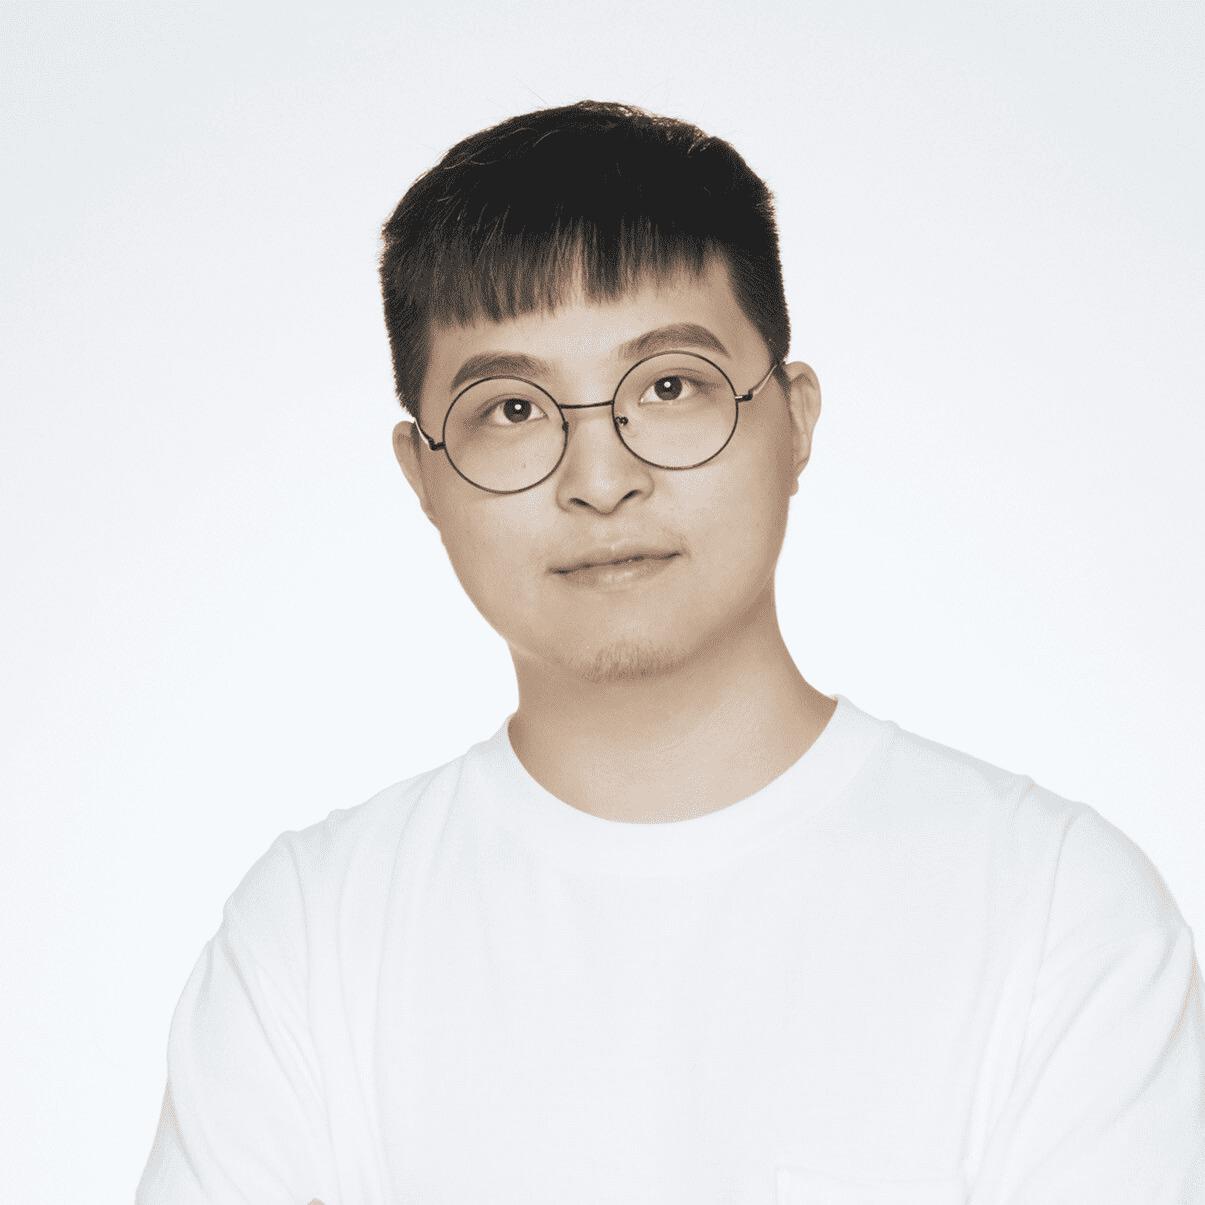 专访微伴助手COO杨慧杰 :私域经济暗涌,如何做|私域流量观察